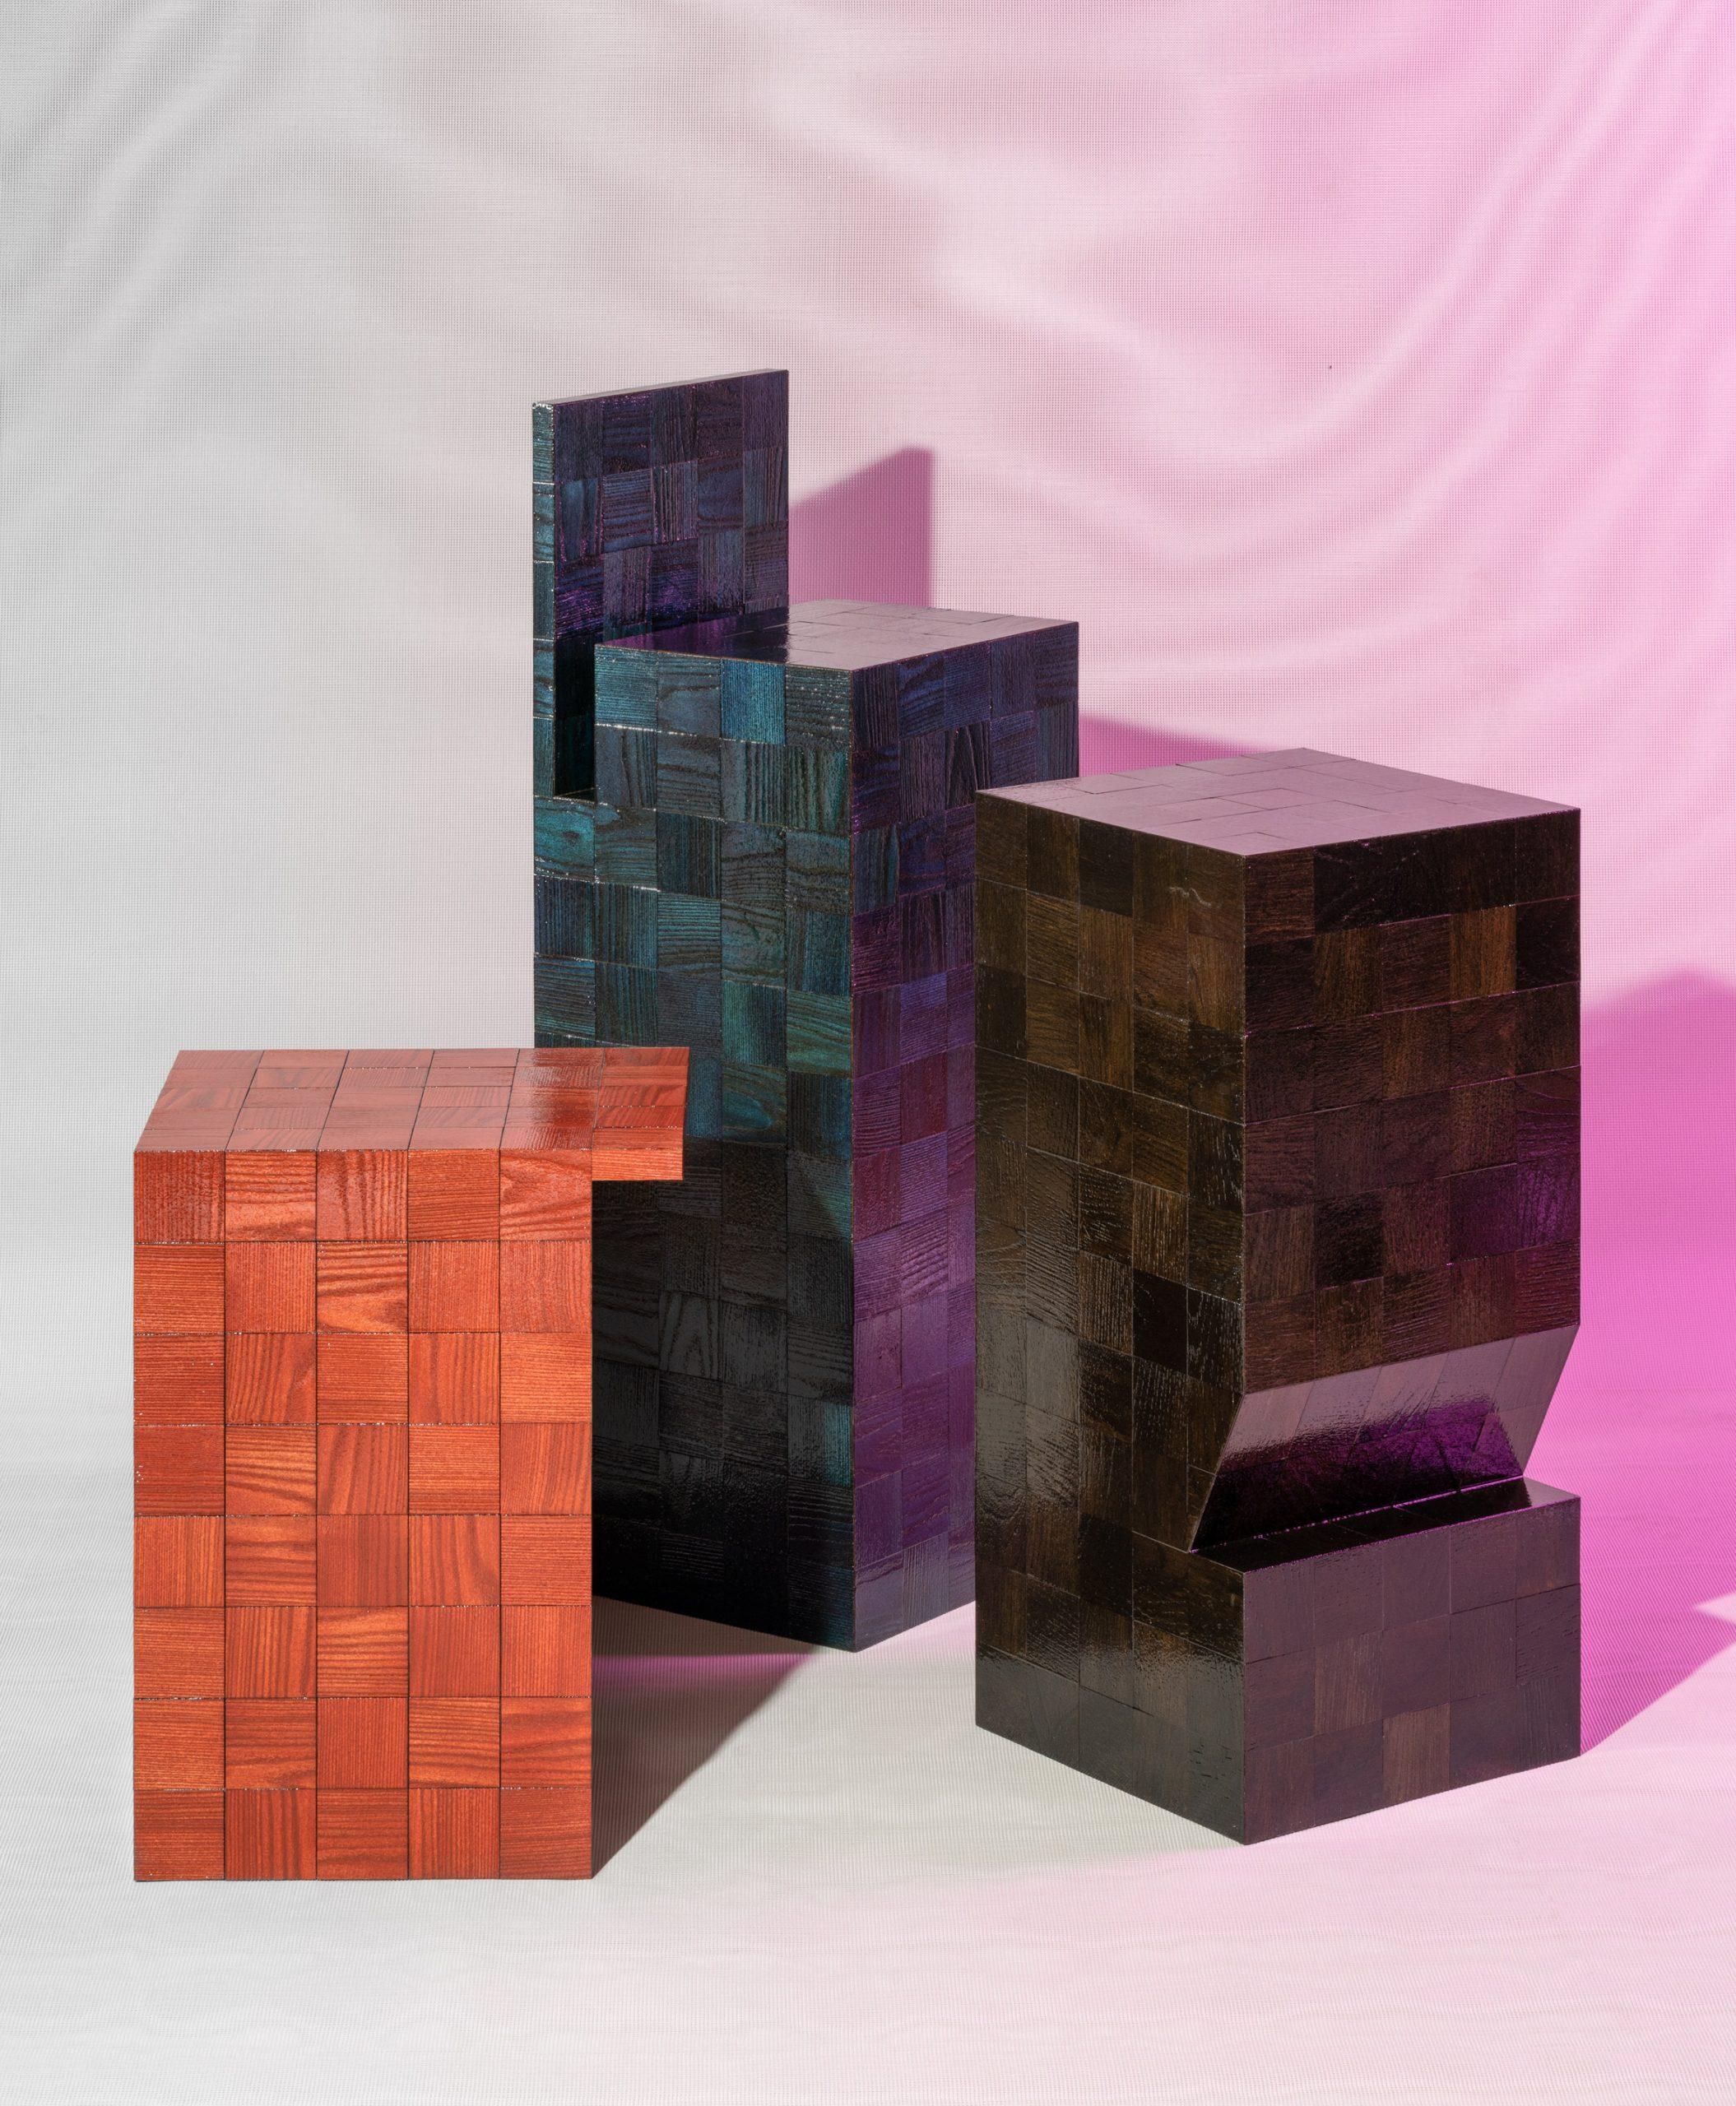 Pieces by Lab La Bla, Ballingslöv and Bonnie Hvillum